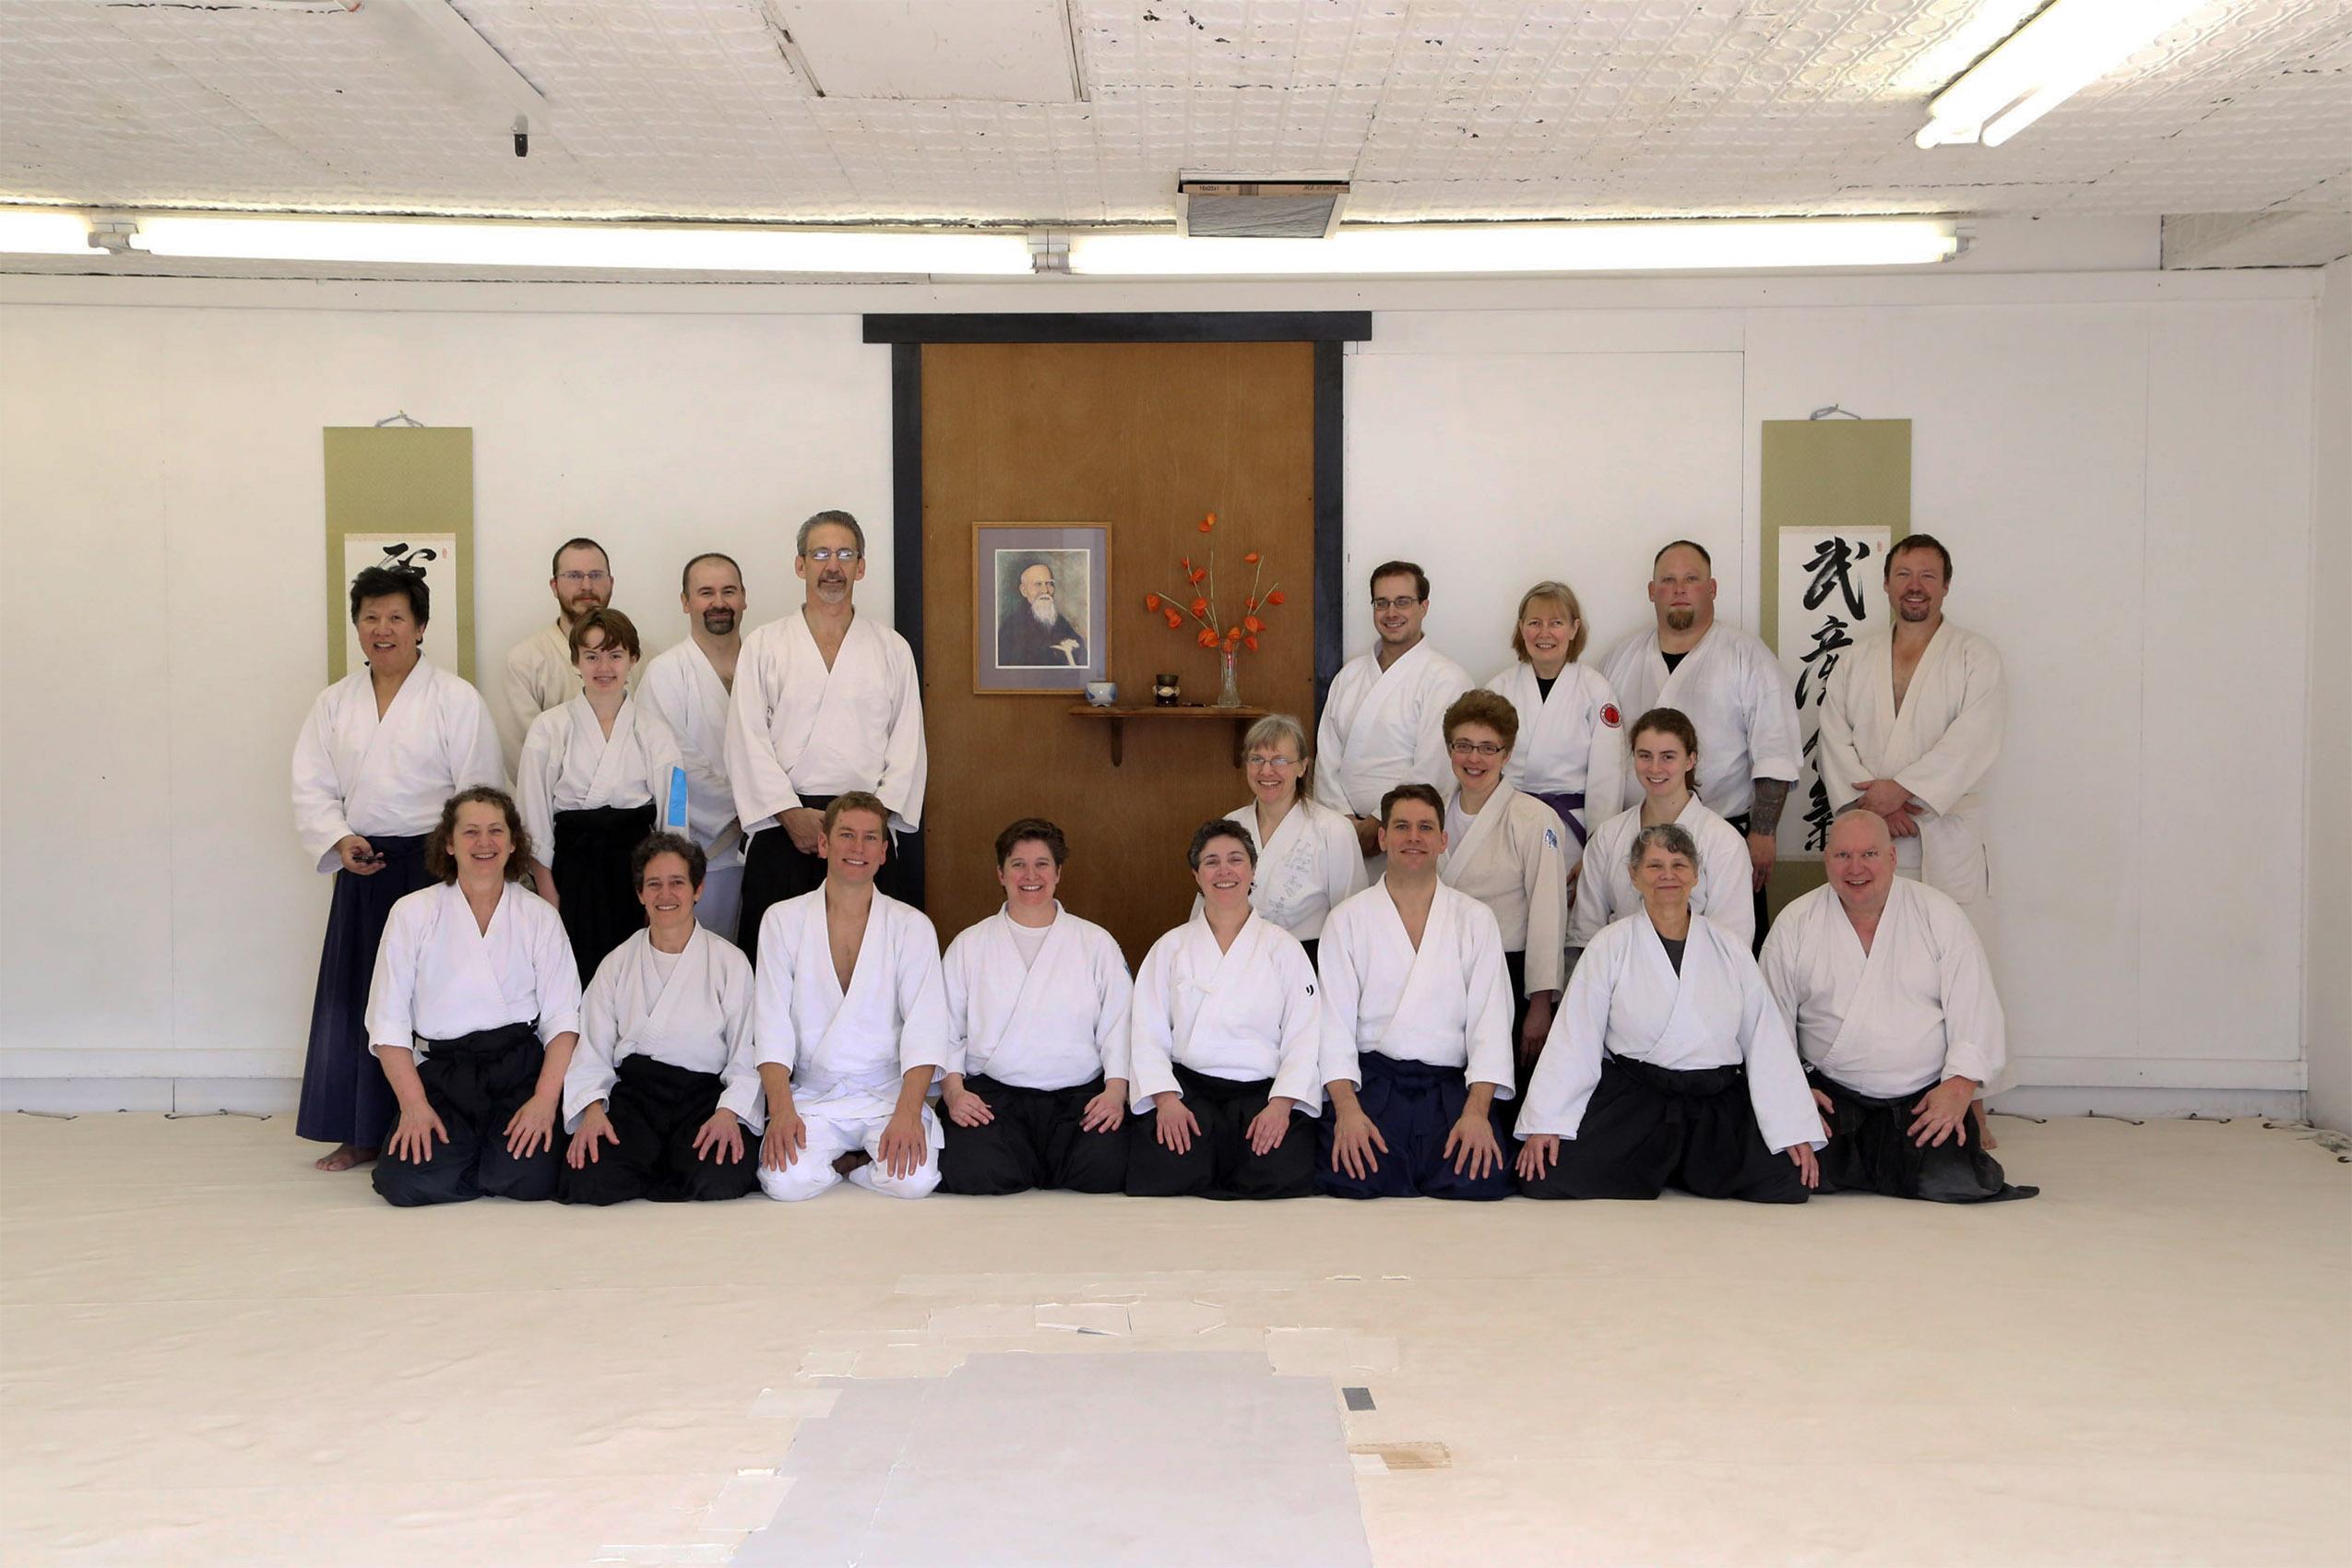 15_1122 Group pic at Marshall dojo